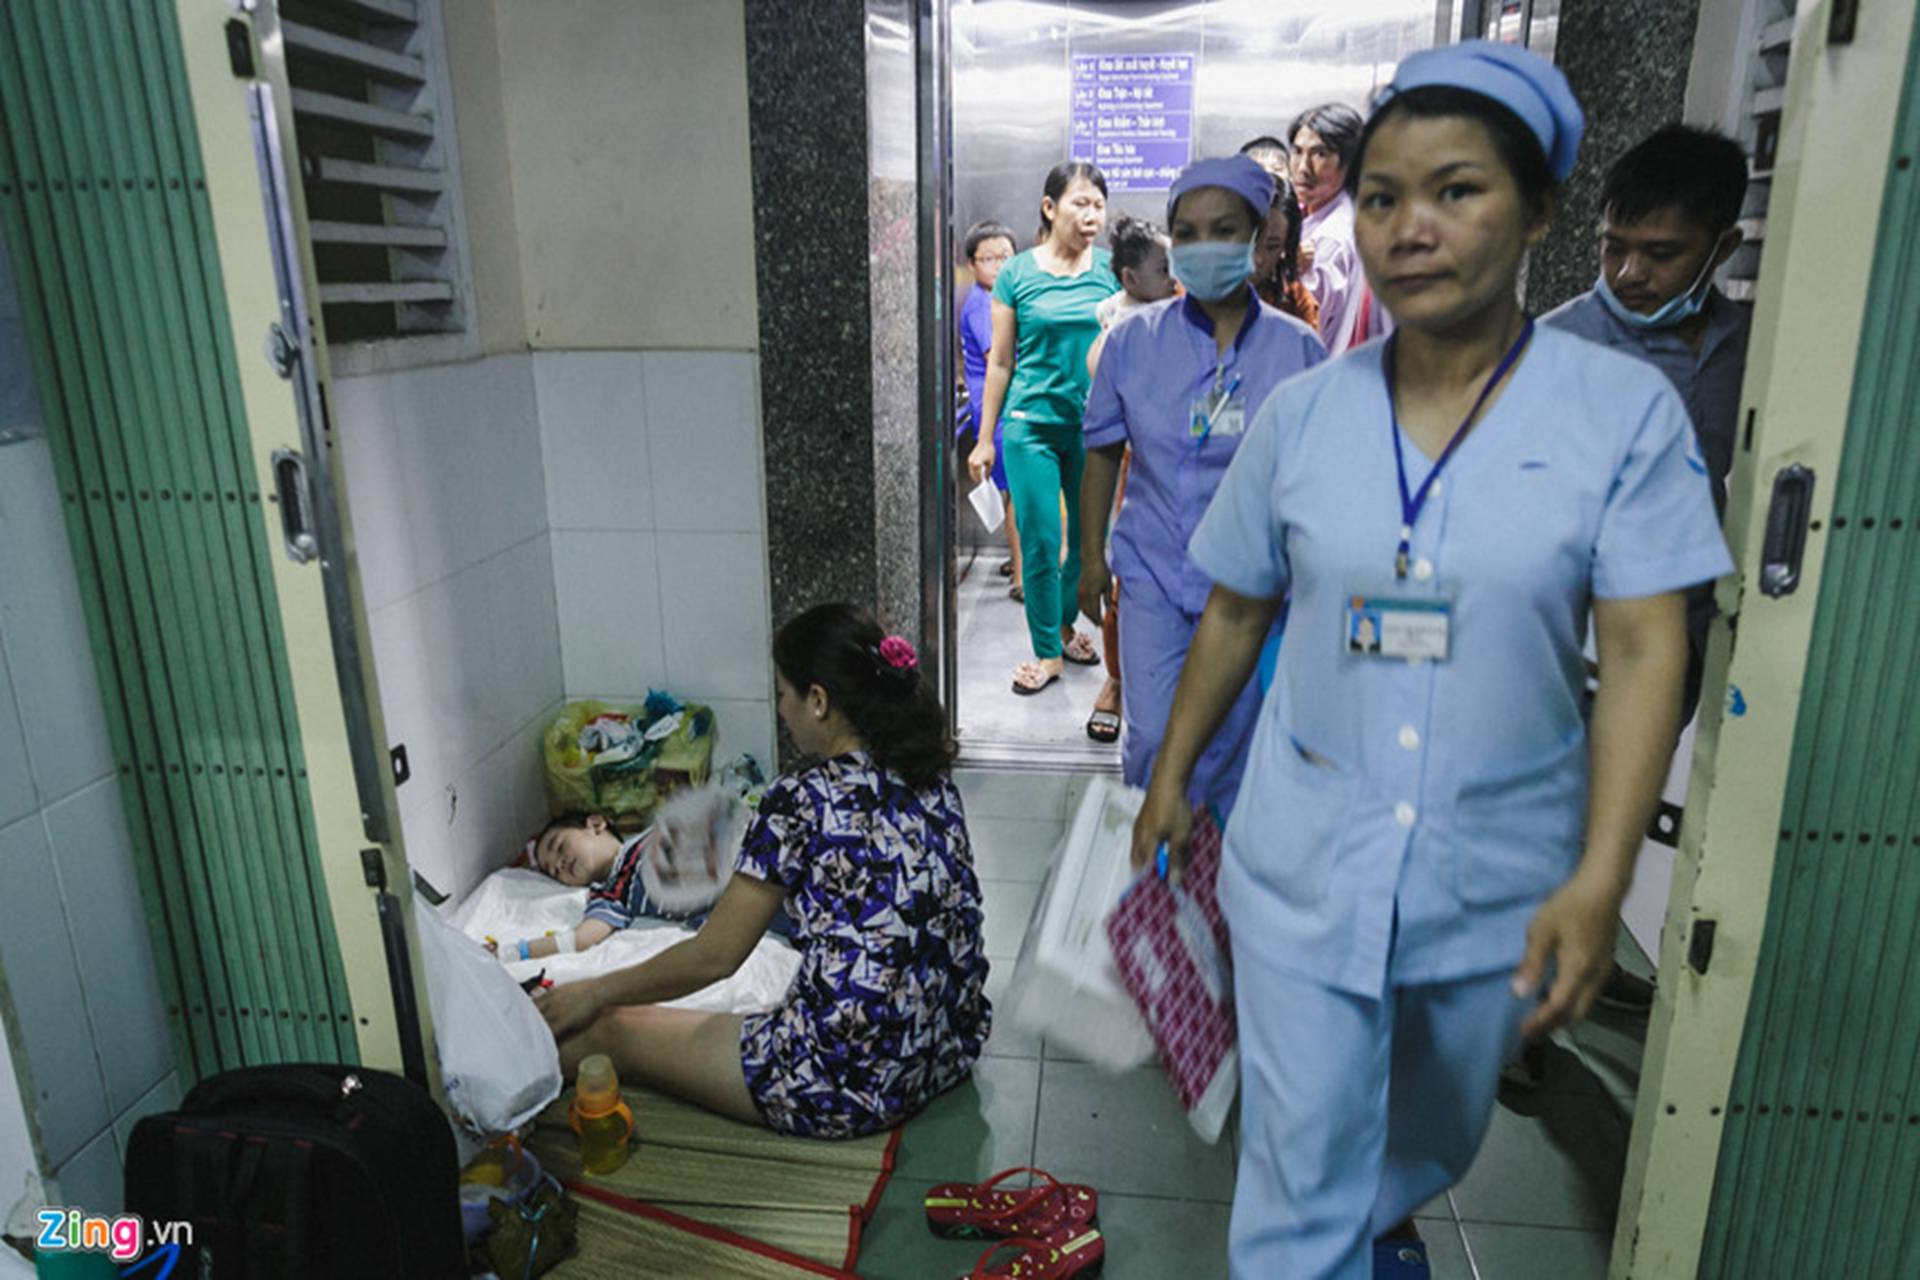 Bệnh viện Nhi ở Sài Gòn vỡ trận vì dịch chồng dịch-33